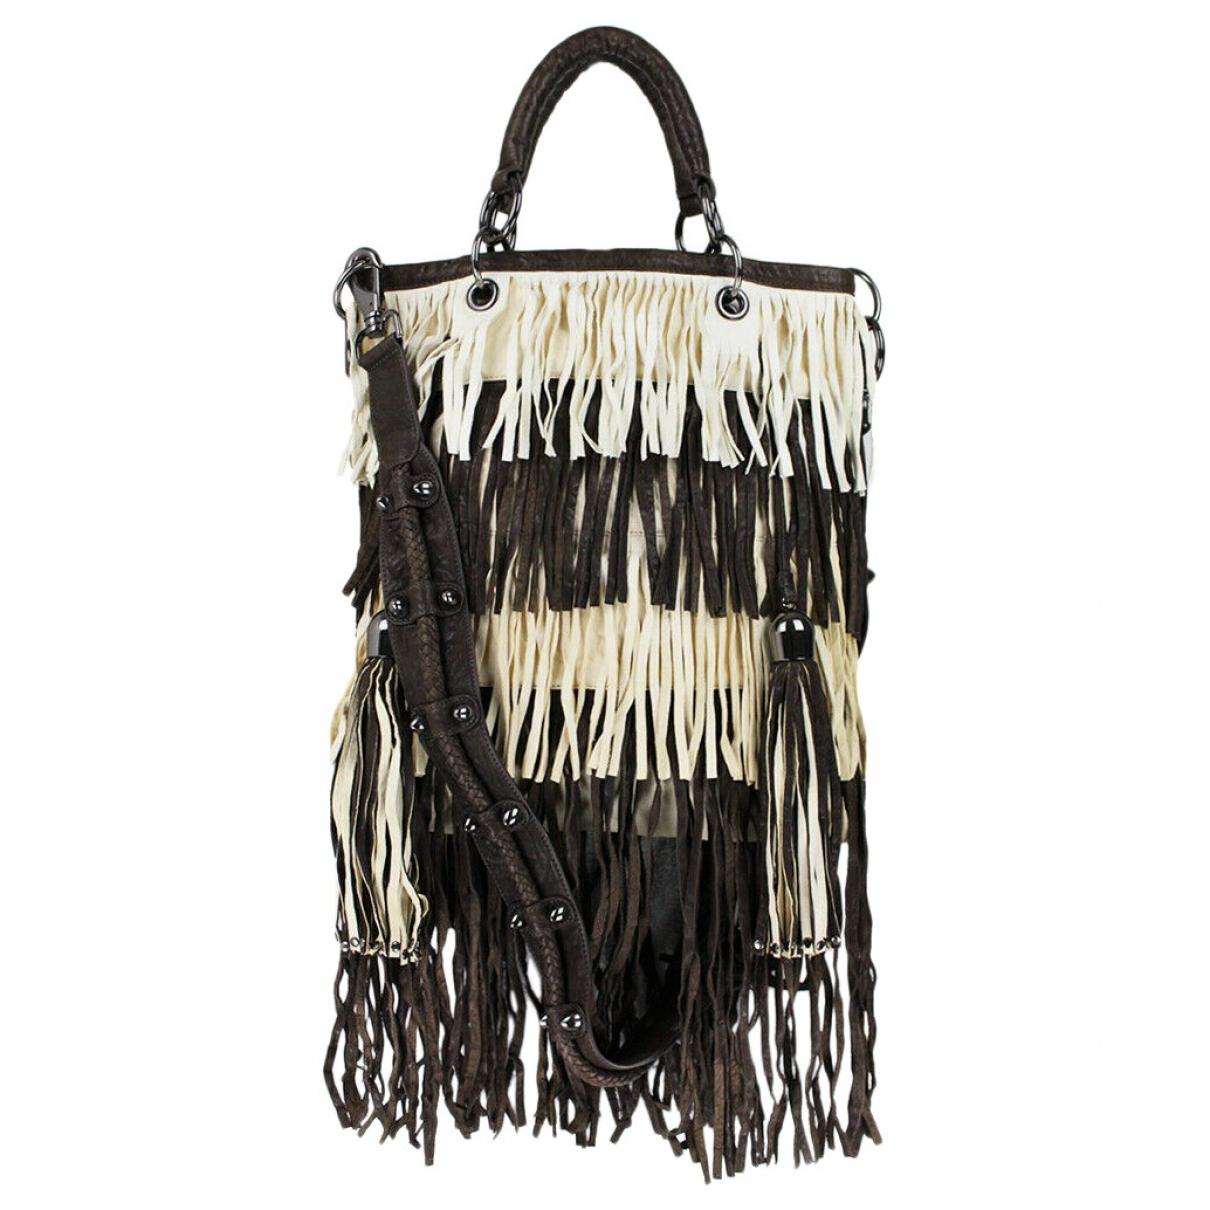 Thomas Wylde \N Beige Leather handbag for Women \N